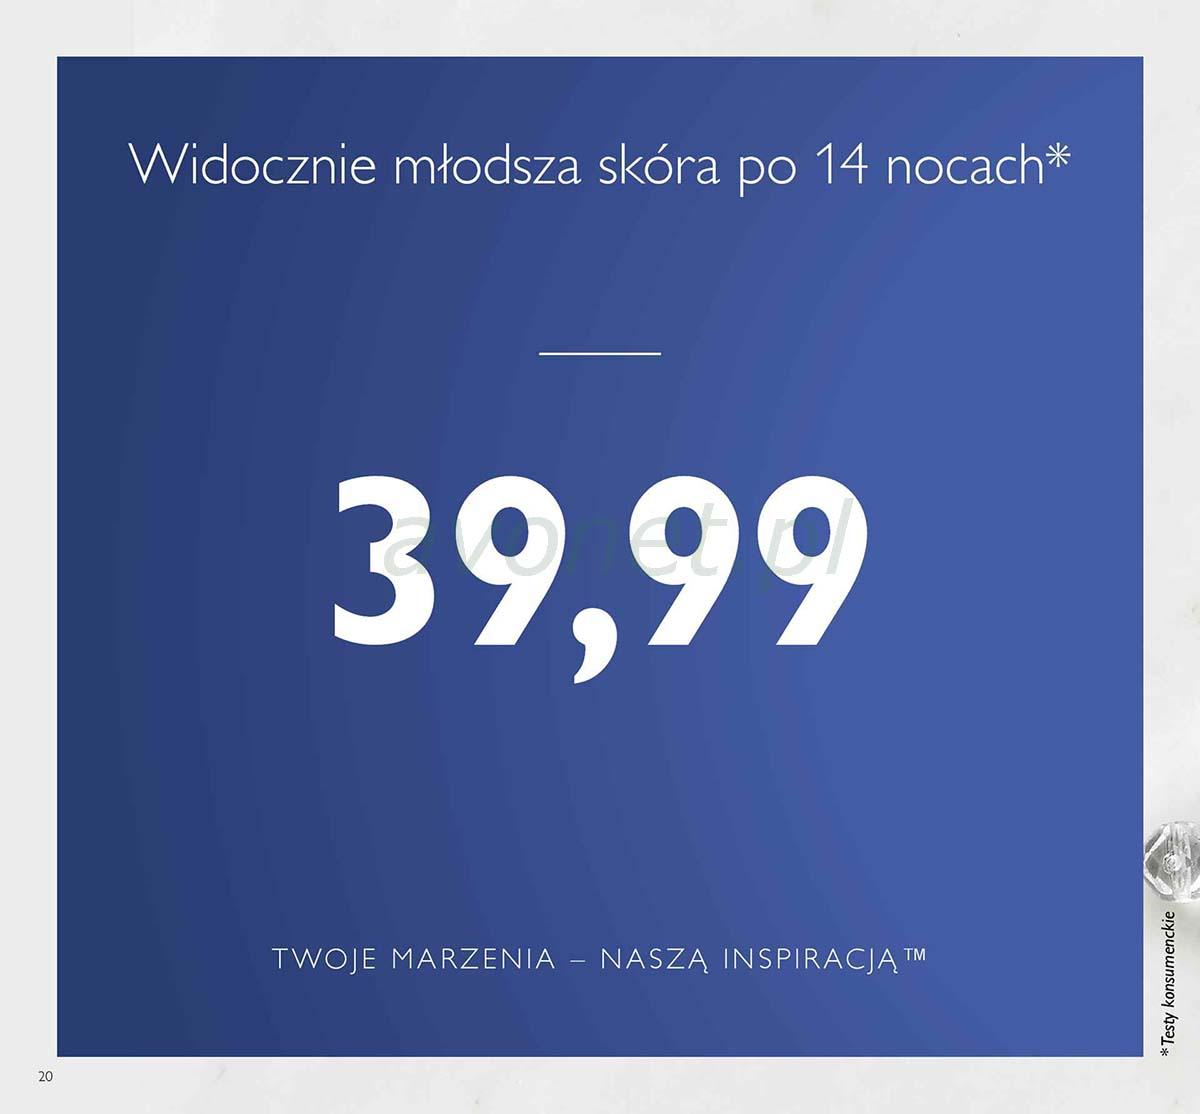 2018004-020-pl-pl